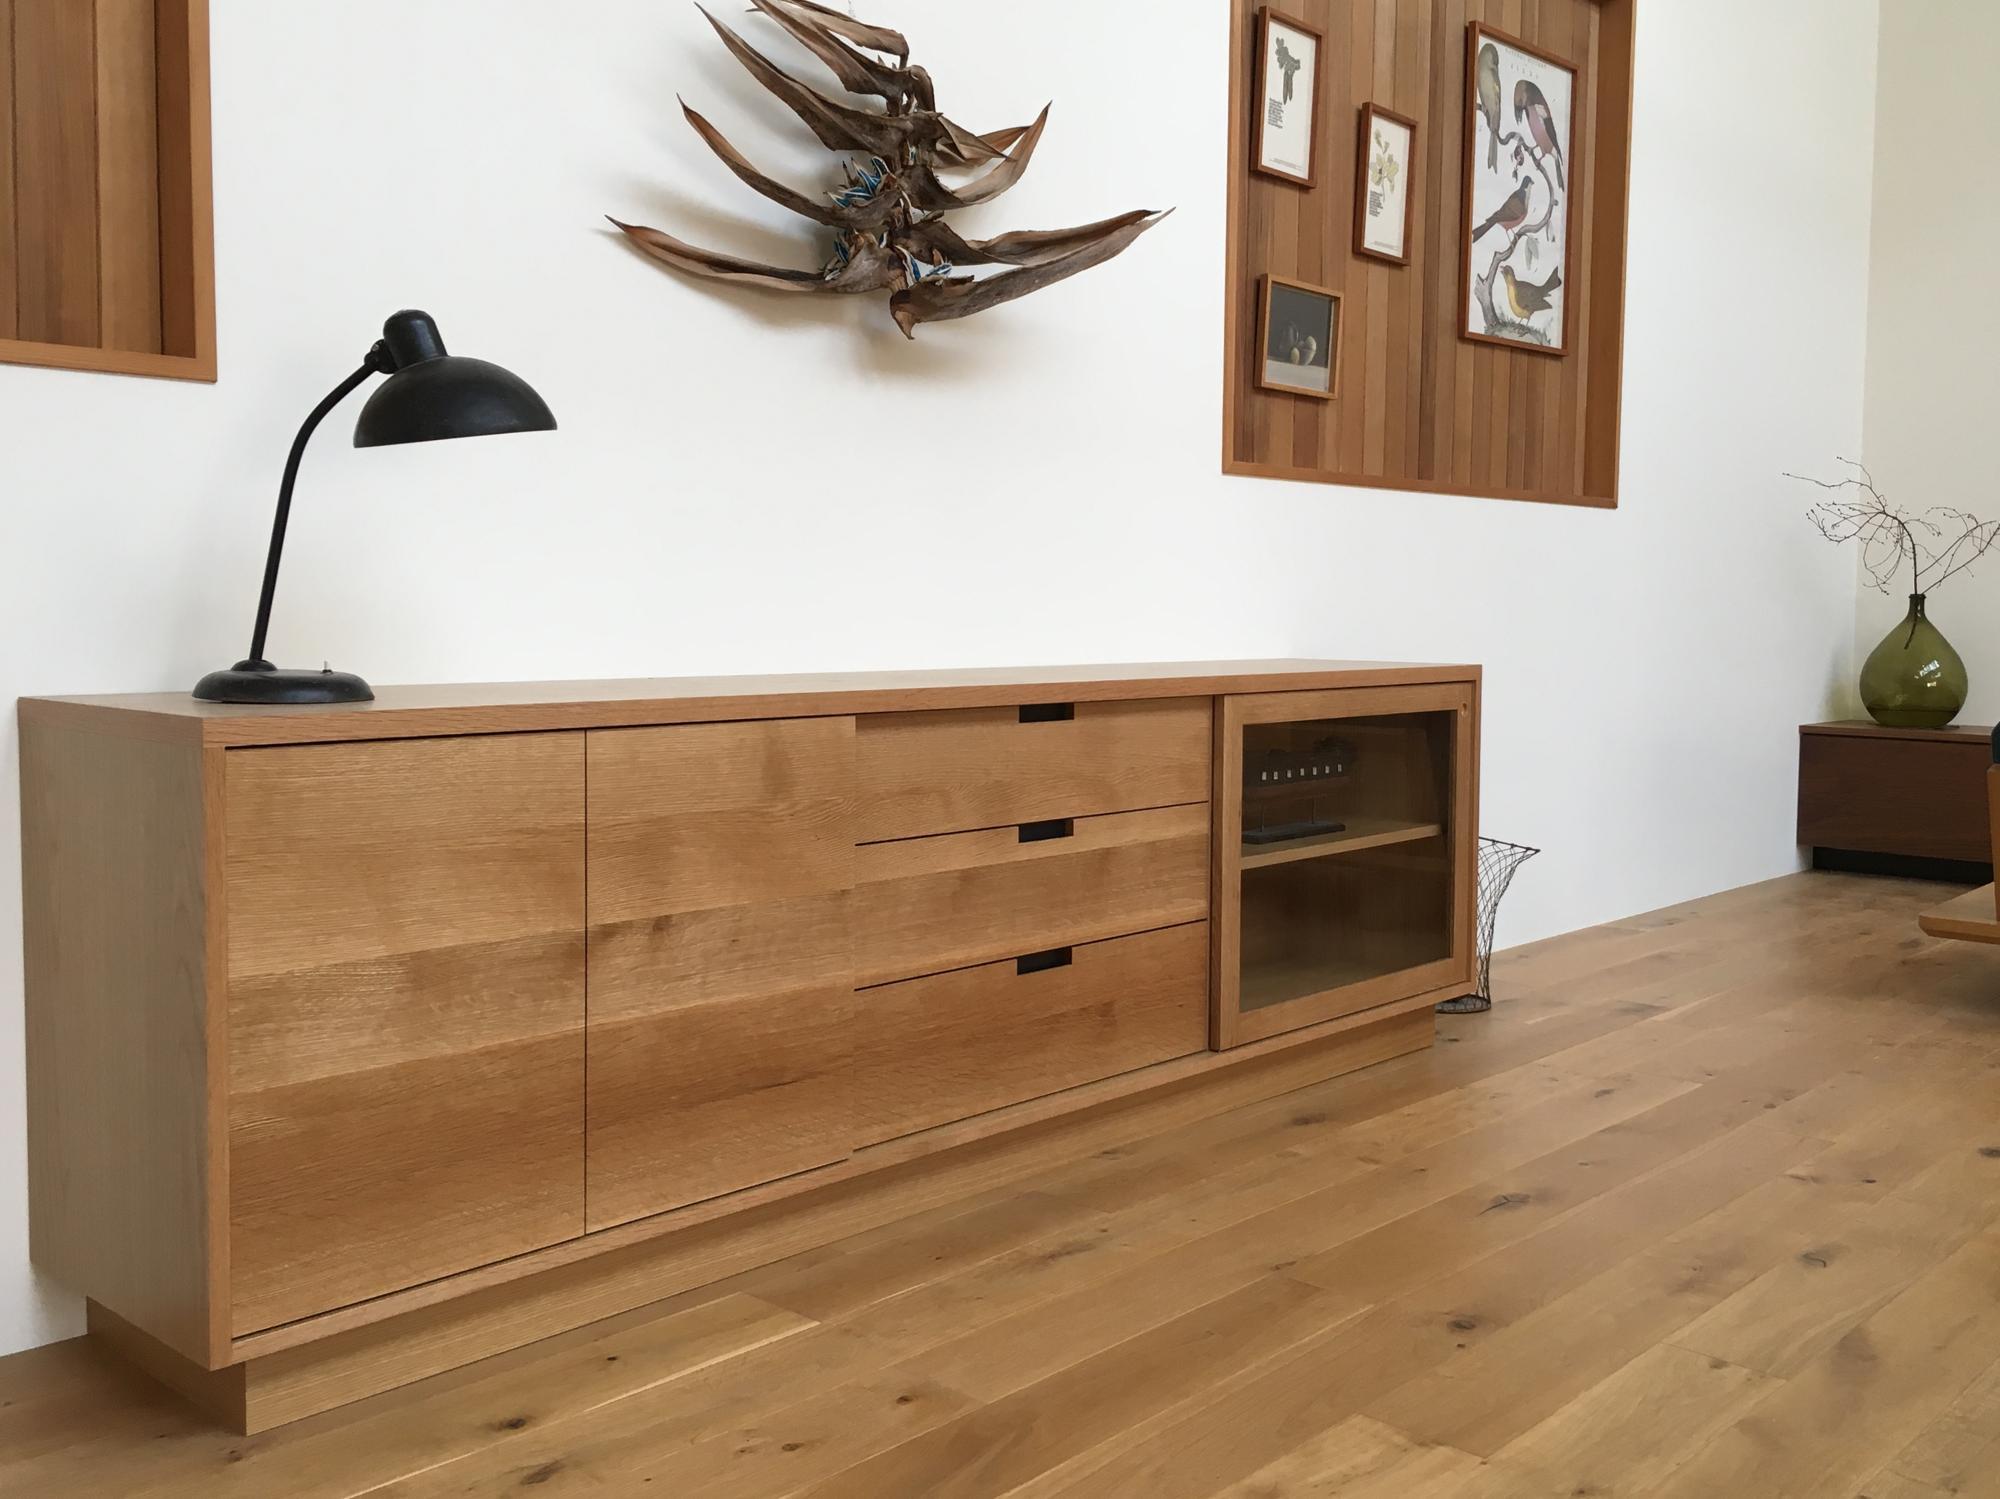 サイドボード オーダー家具 walden